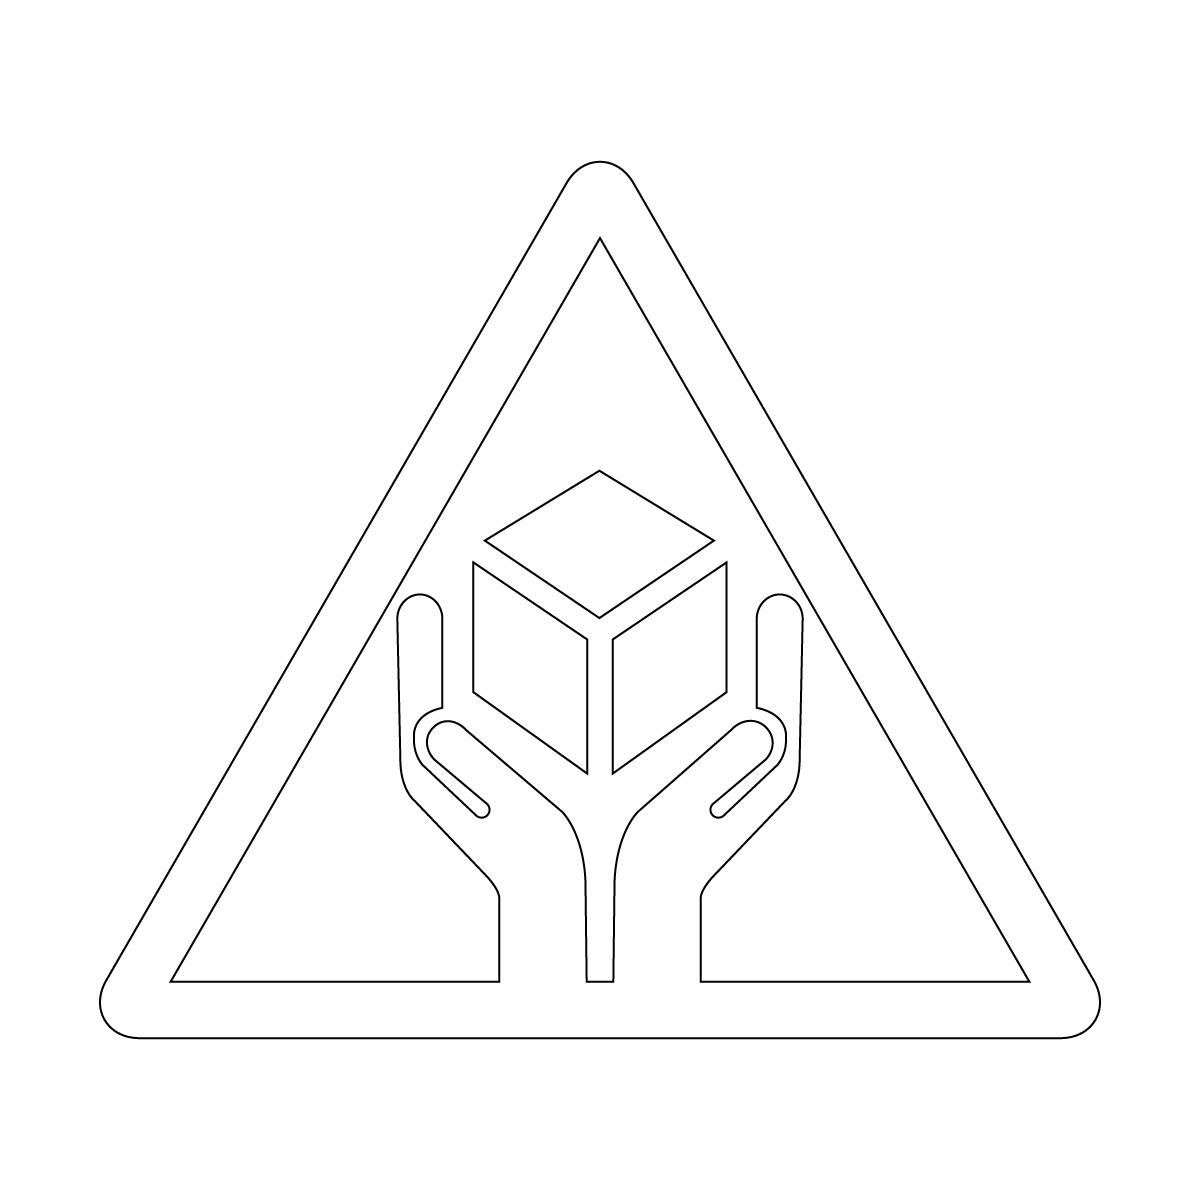 白色の商品 配送 取扱い注意 シール ステッカー カッティングステッカー (矢印付き) 光沢タイプ・防水 耐水・屋外耐候3~4年